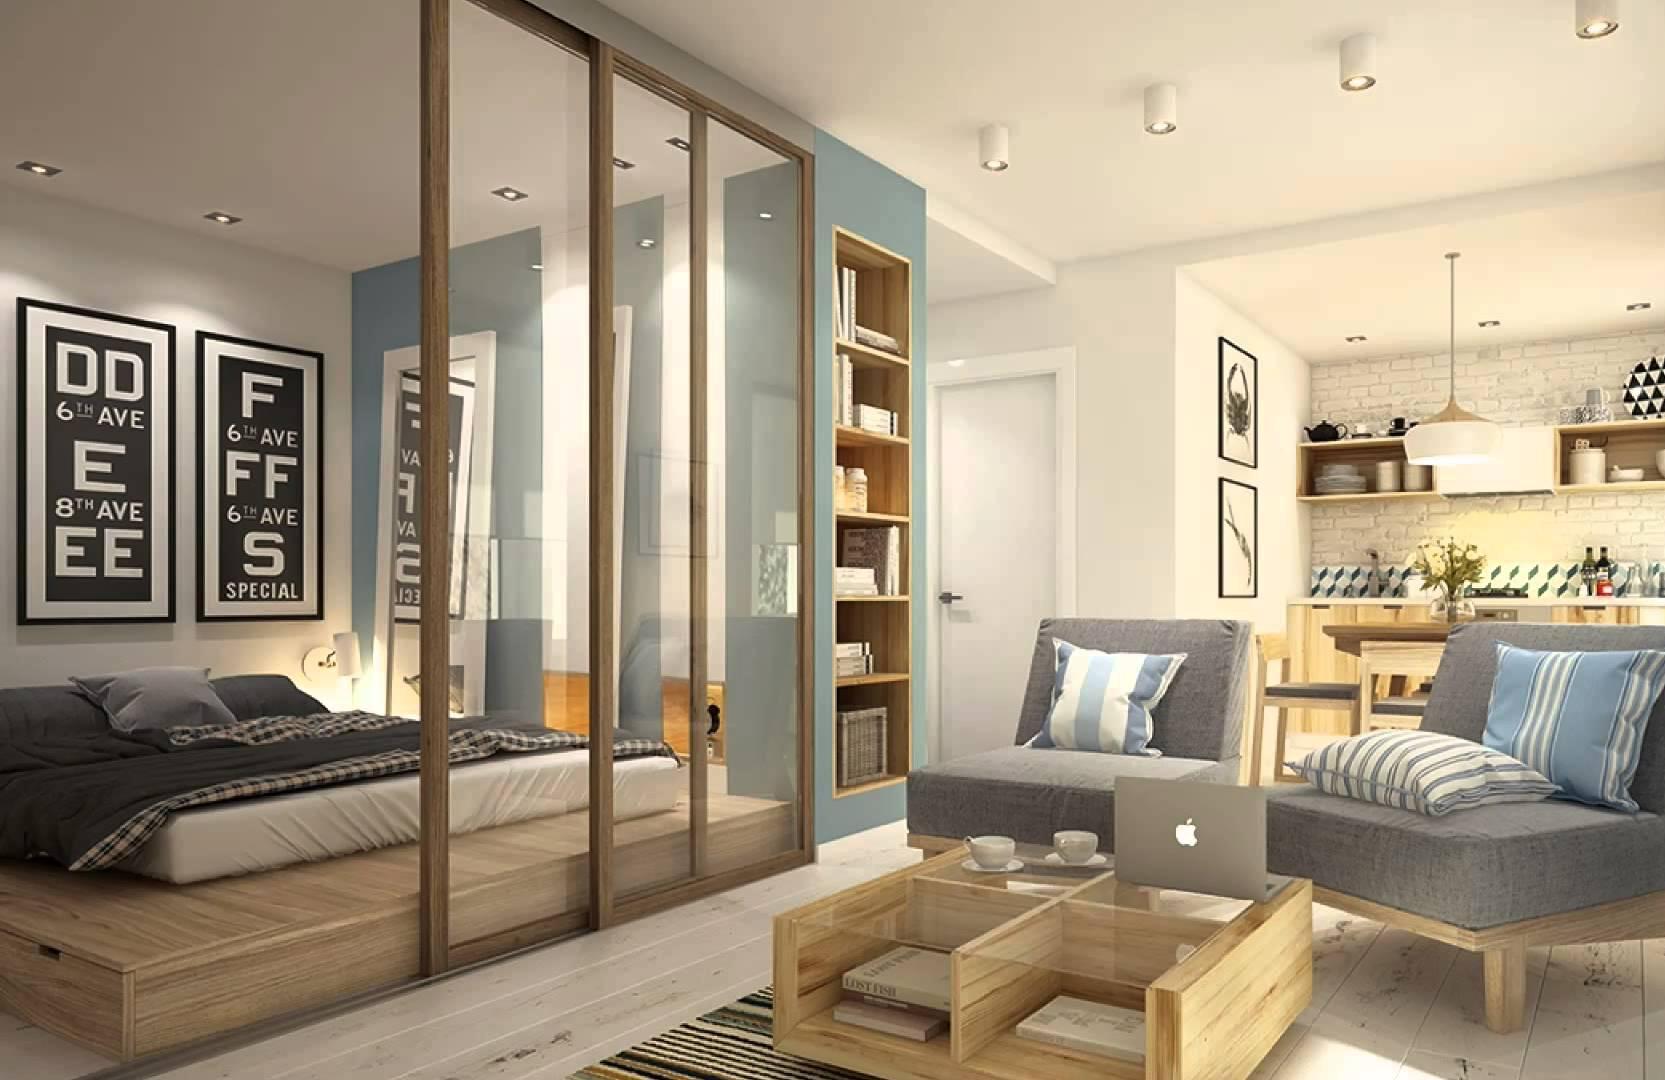 Выбирая мебель, стоит отдать предпочтение компактной, но при этом вместительной